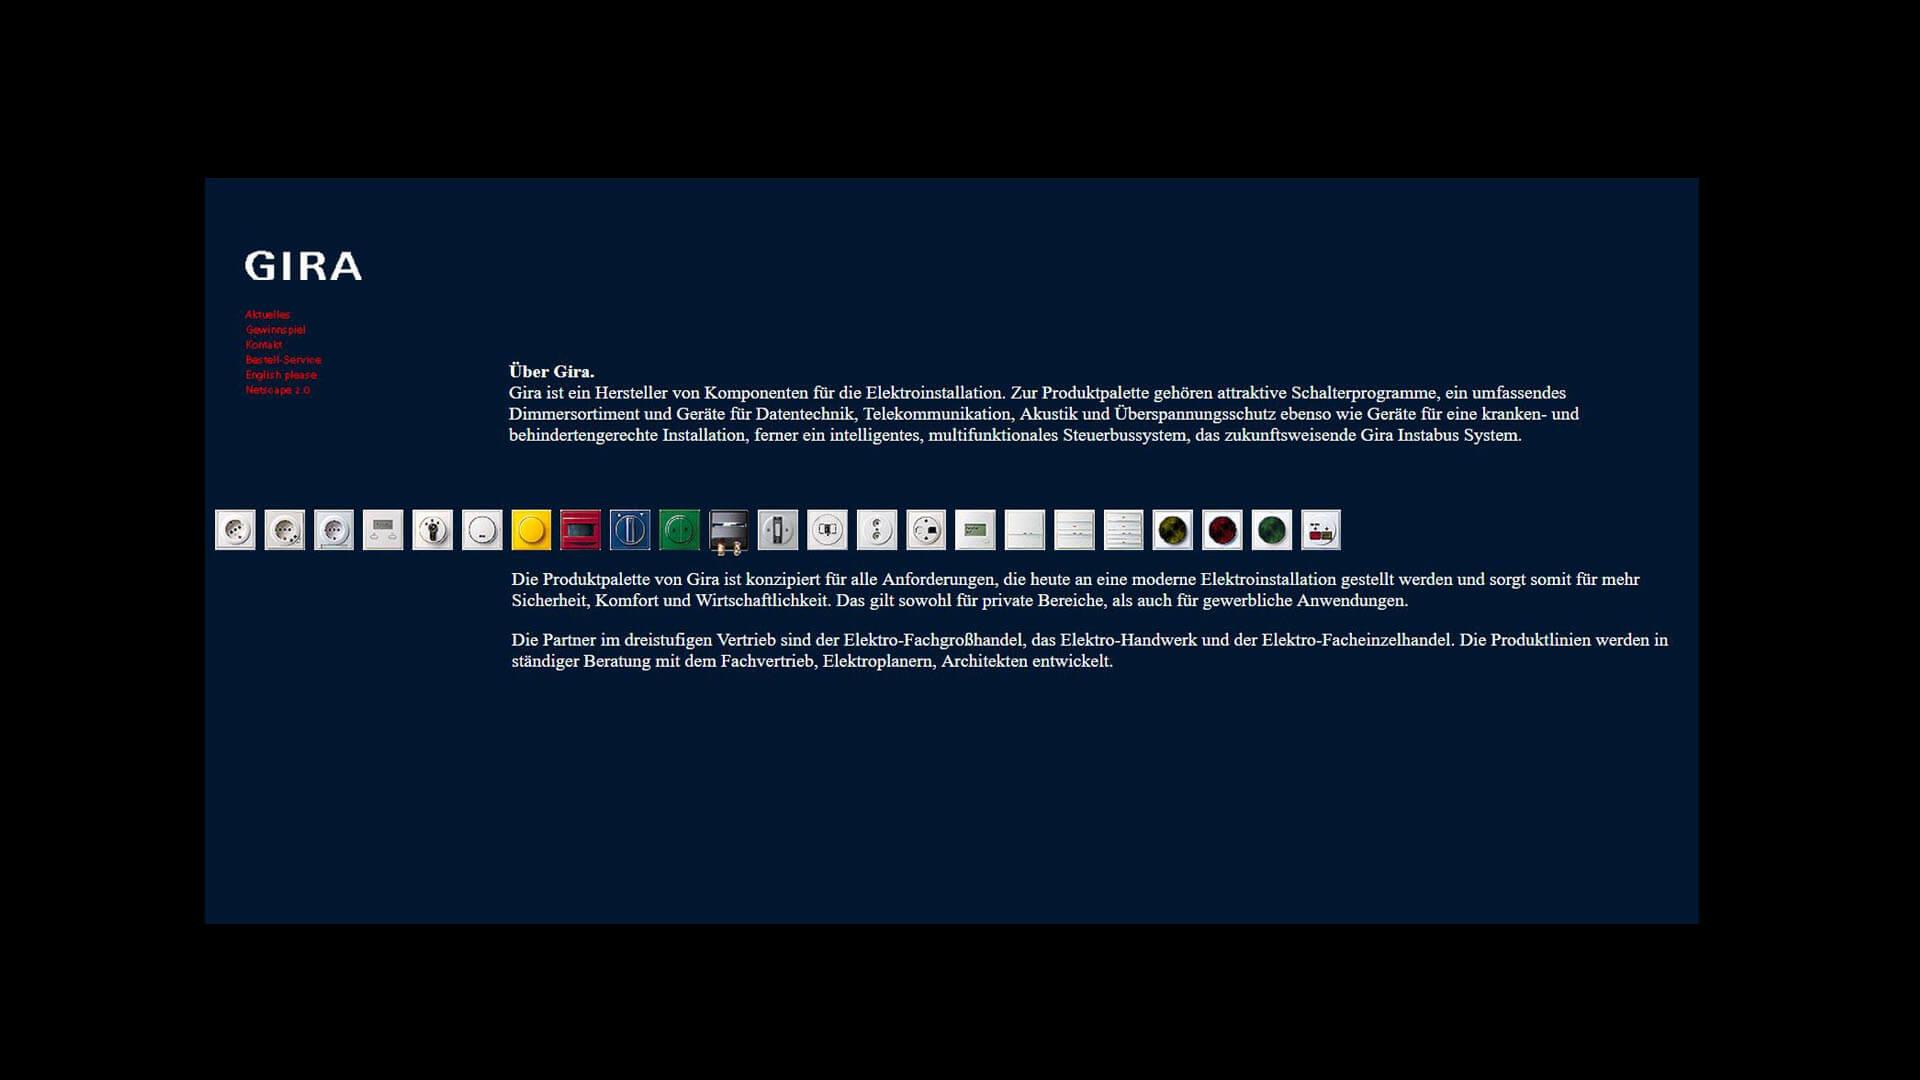 Gira Website aus dem Jahr 1996